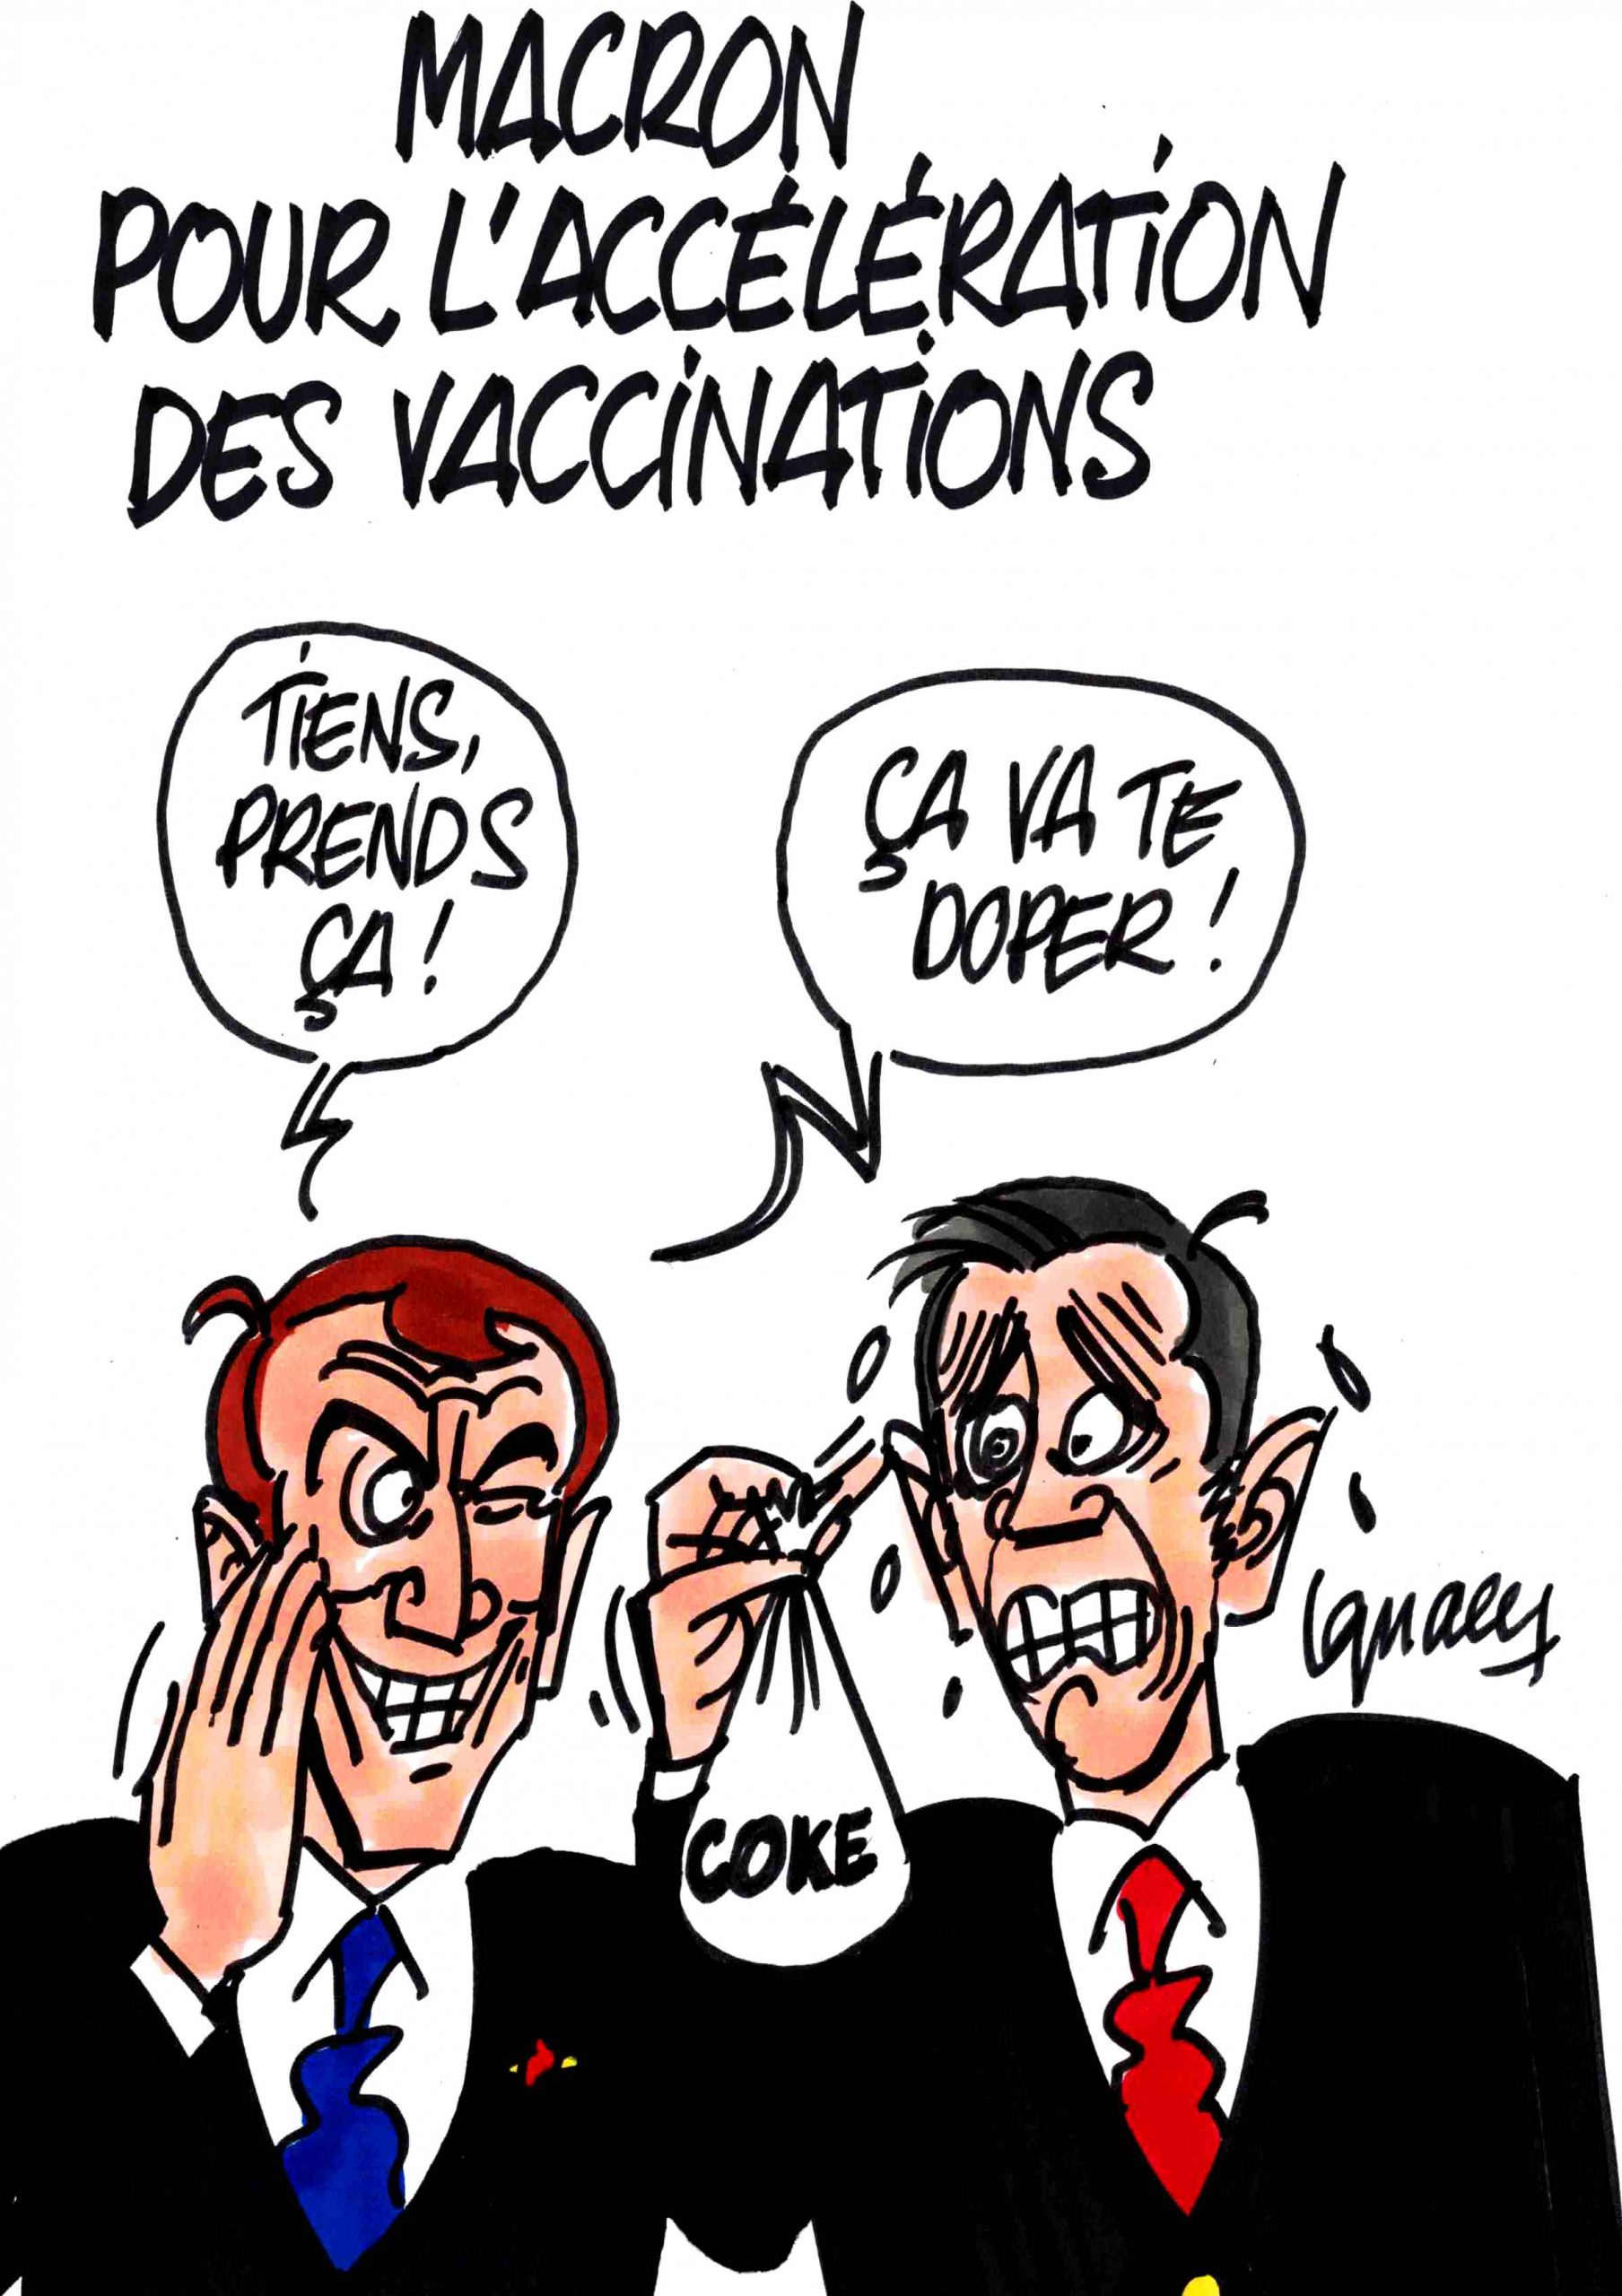 Ignace - Vers une accélération des vaccins